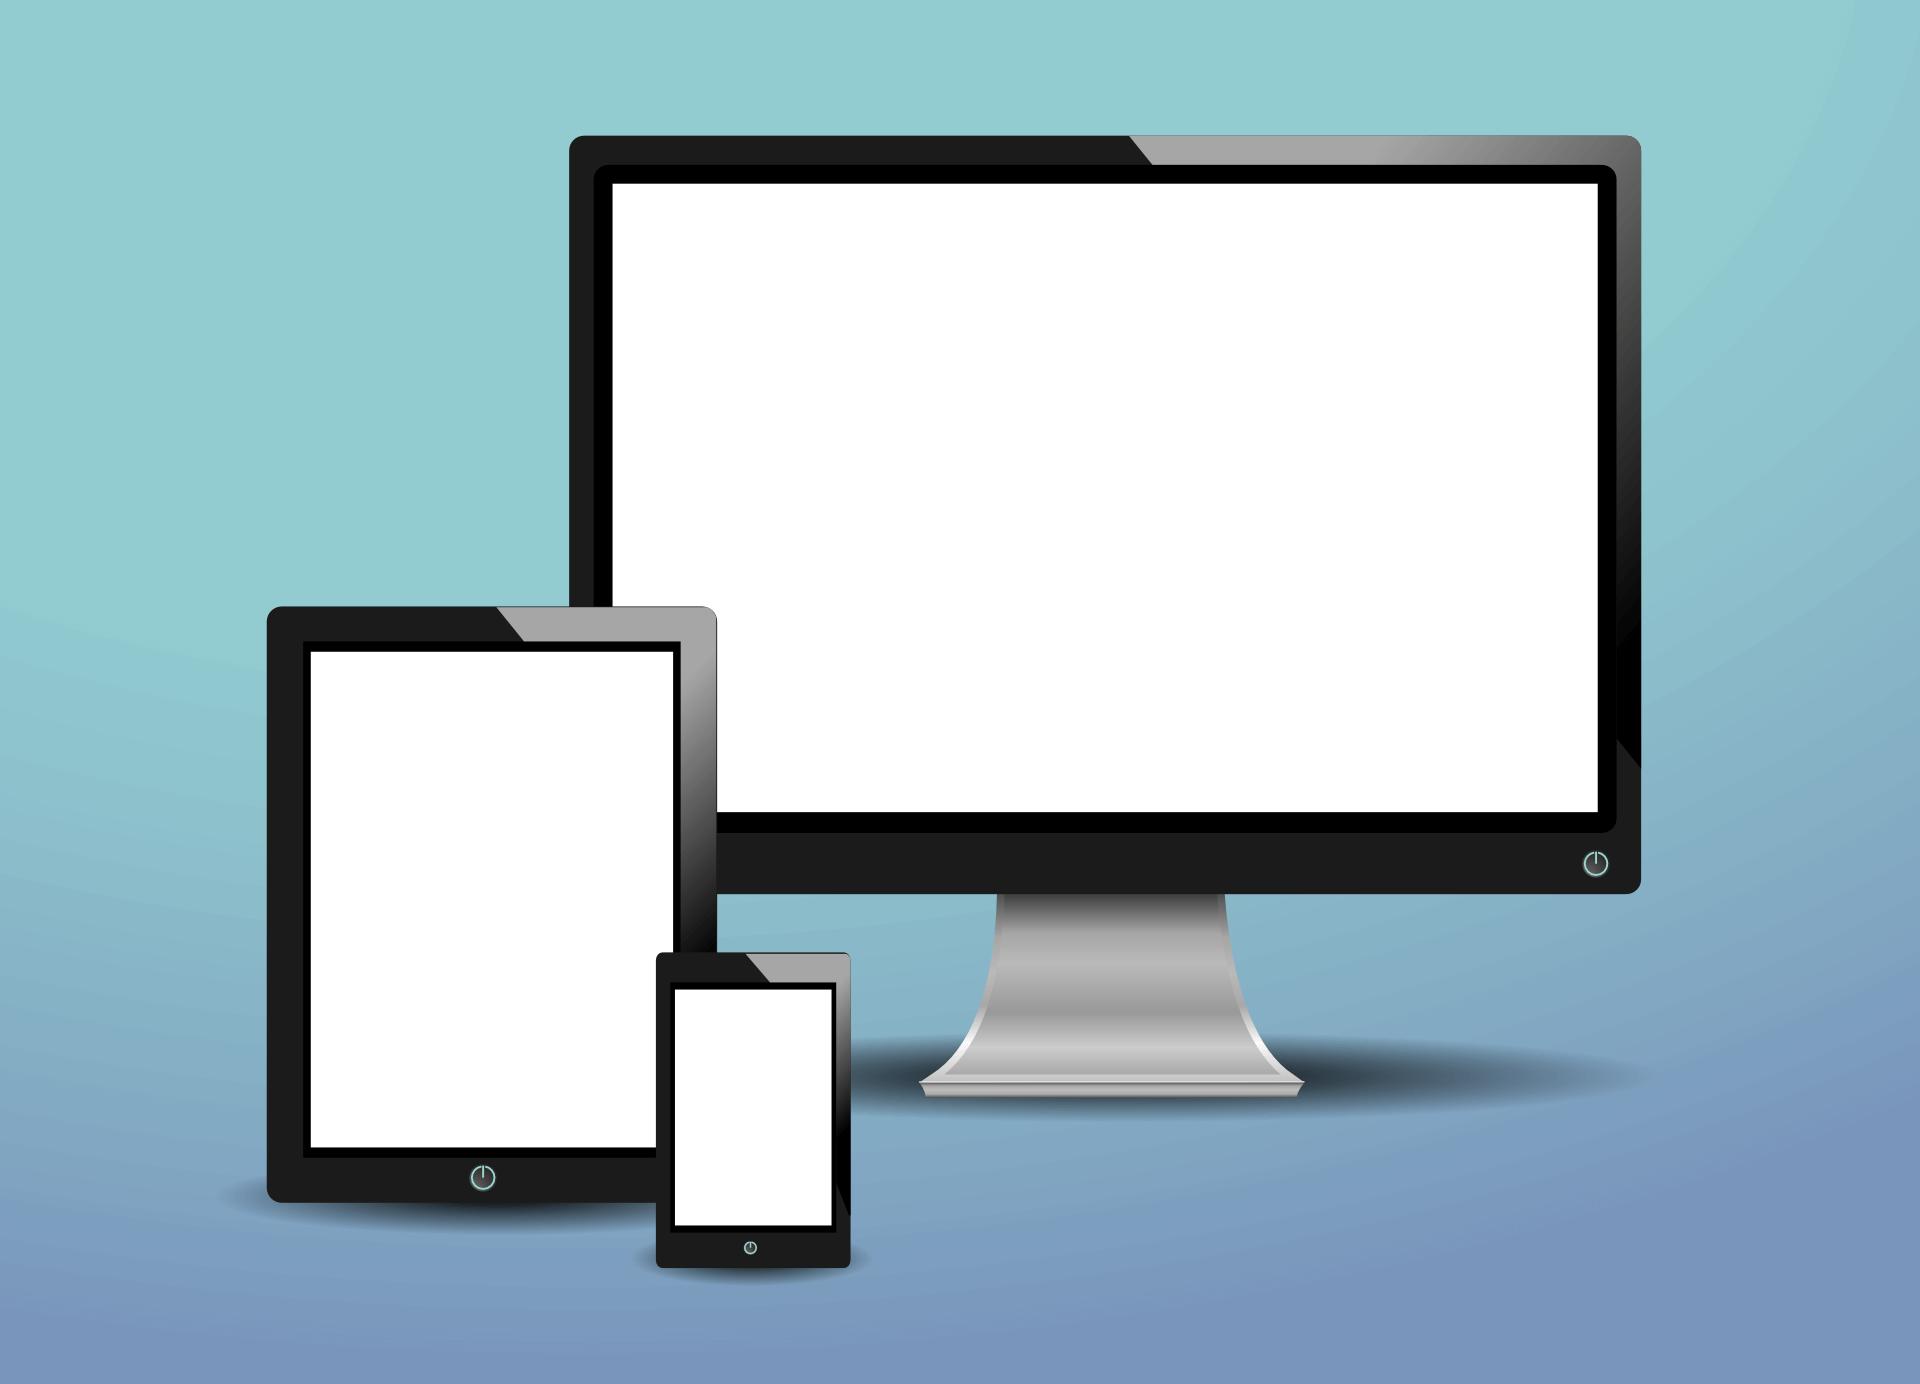 Aprenda hoje sobre Landing page + Isca digital + Funil de vendas + GM